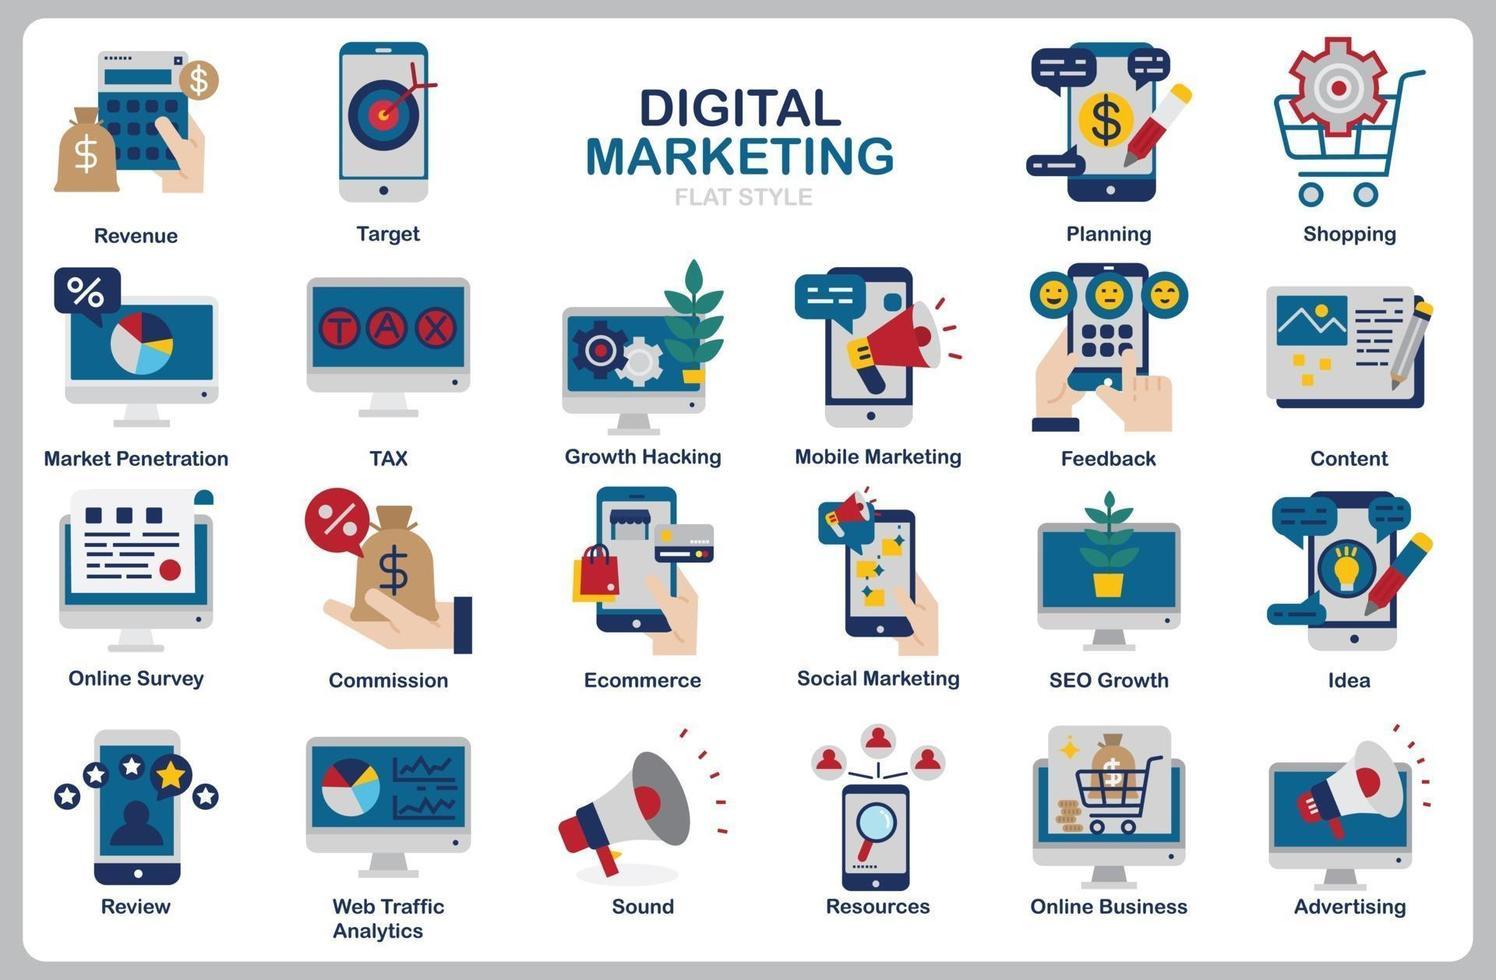 digital marknadsföringsuppsättning för webbplats, dokument, affischdesign, utskrift, applikation. digital marknadsföringskoncept ikon platt stil. vektor